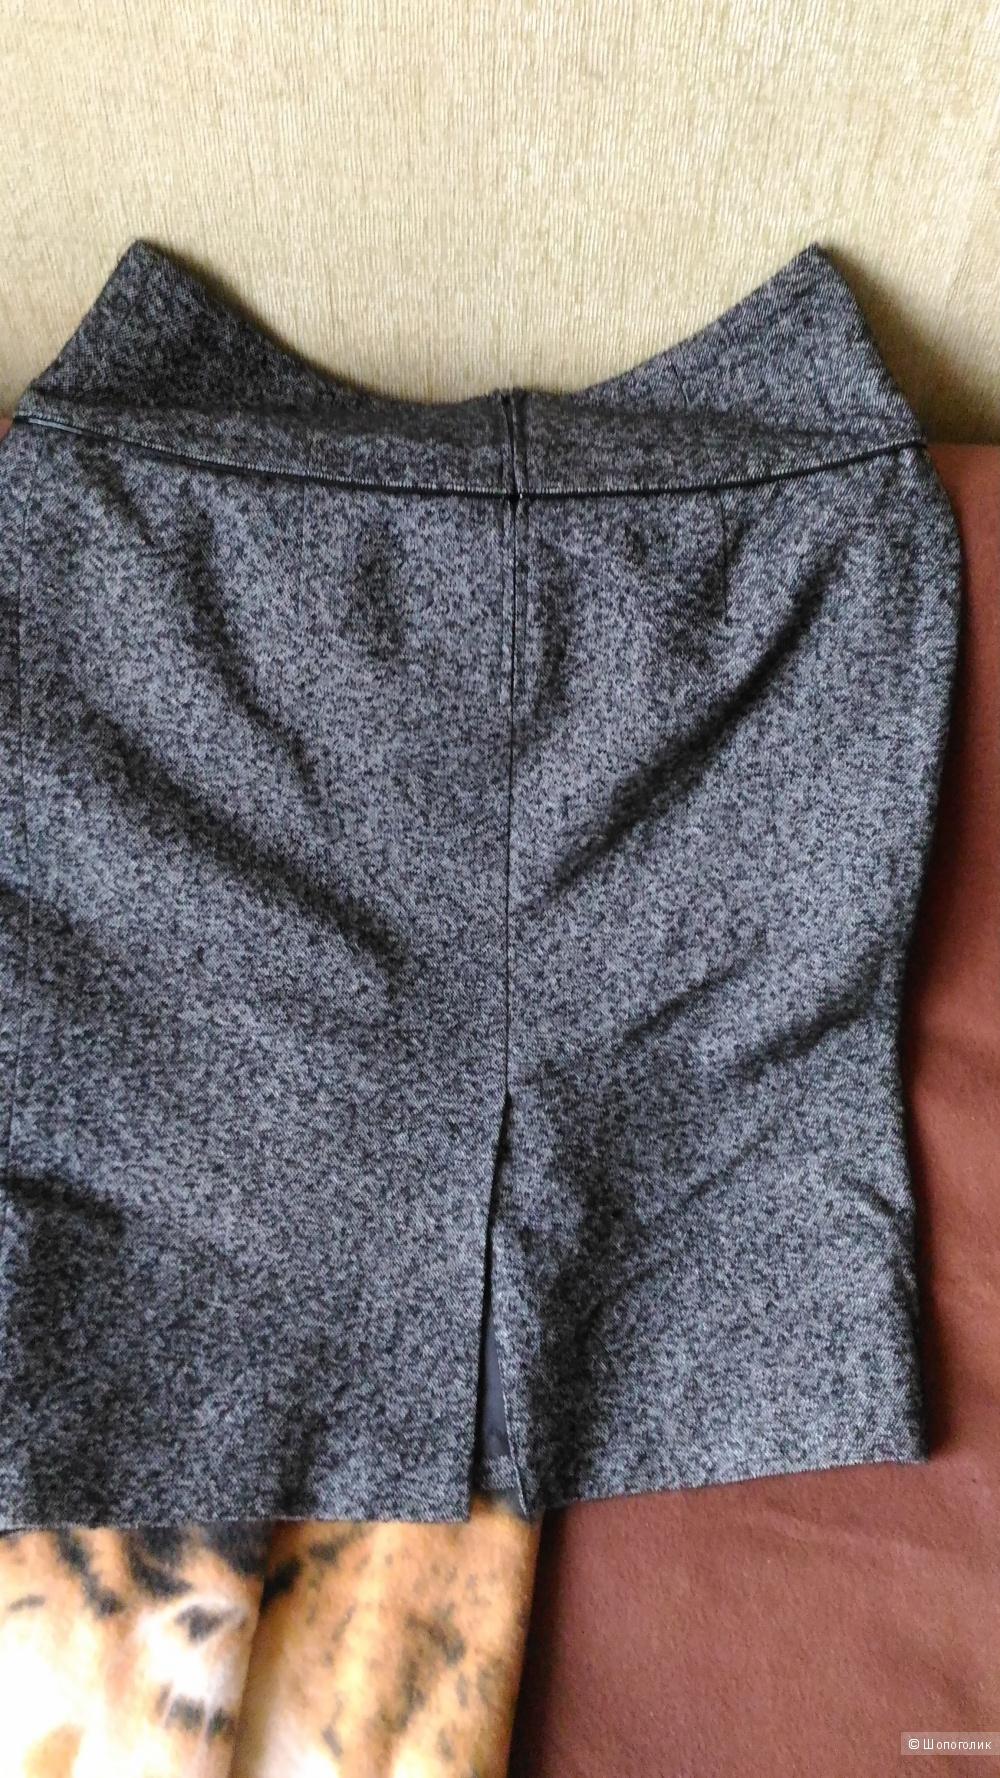 Серая юбка, фирма Stailmann, размер 46